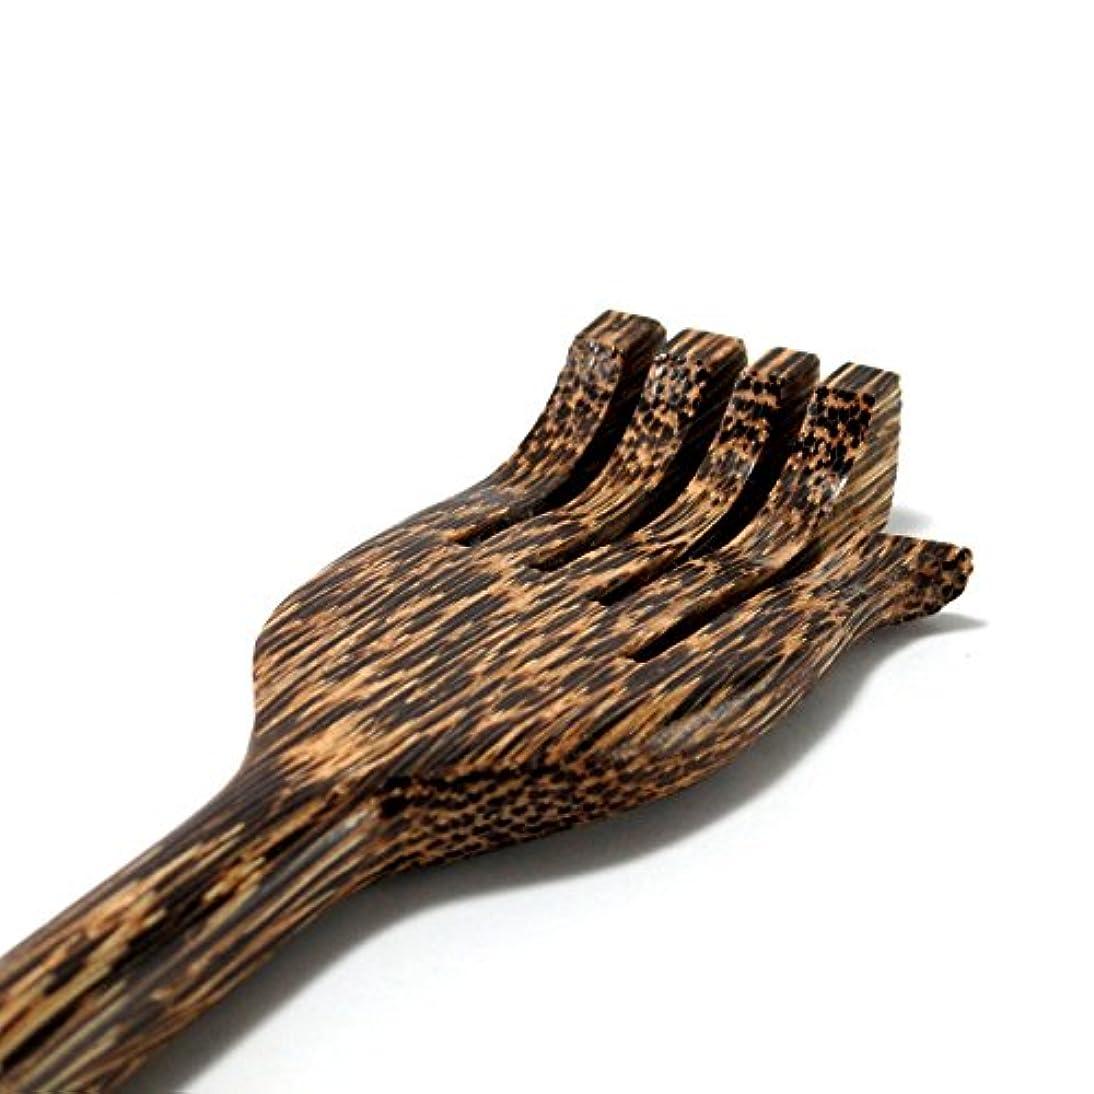 宣教師有効な失望させるMARUKOA - バックスクラッチャー 新しいパームウッド手作りスティック タイボディマッサージ木製ギフト